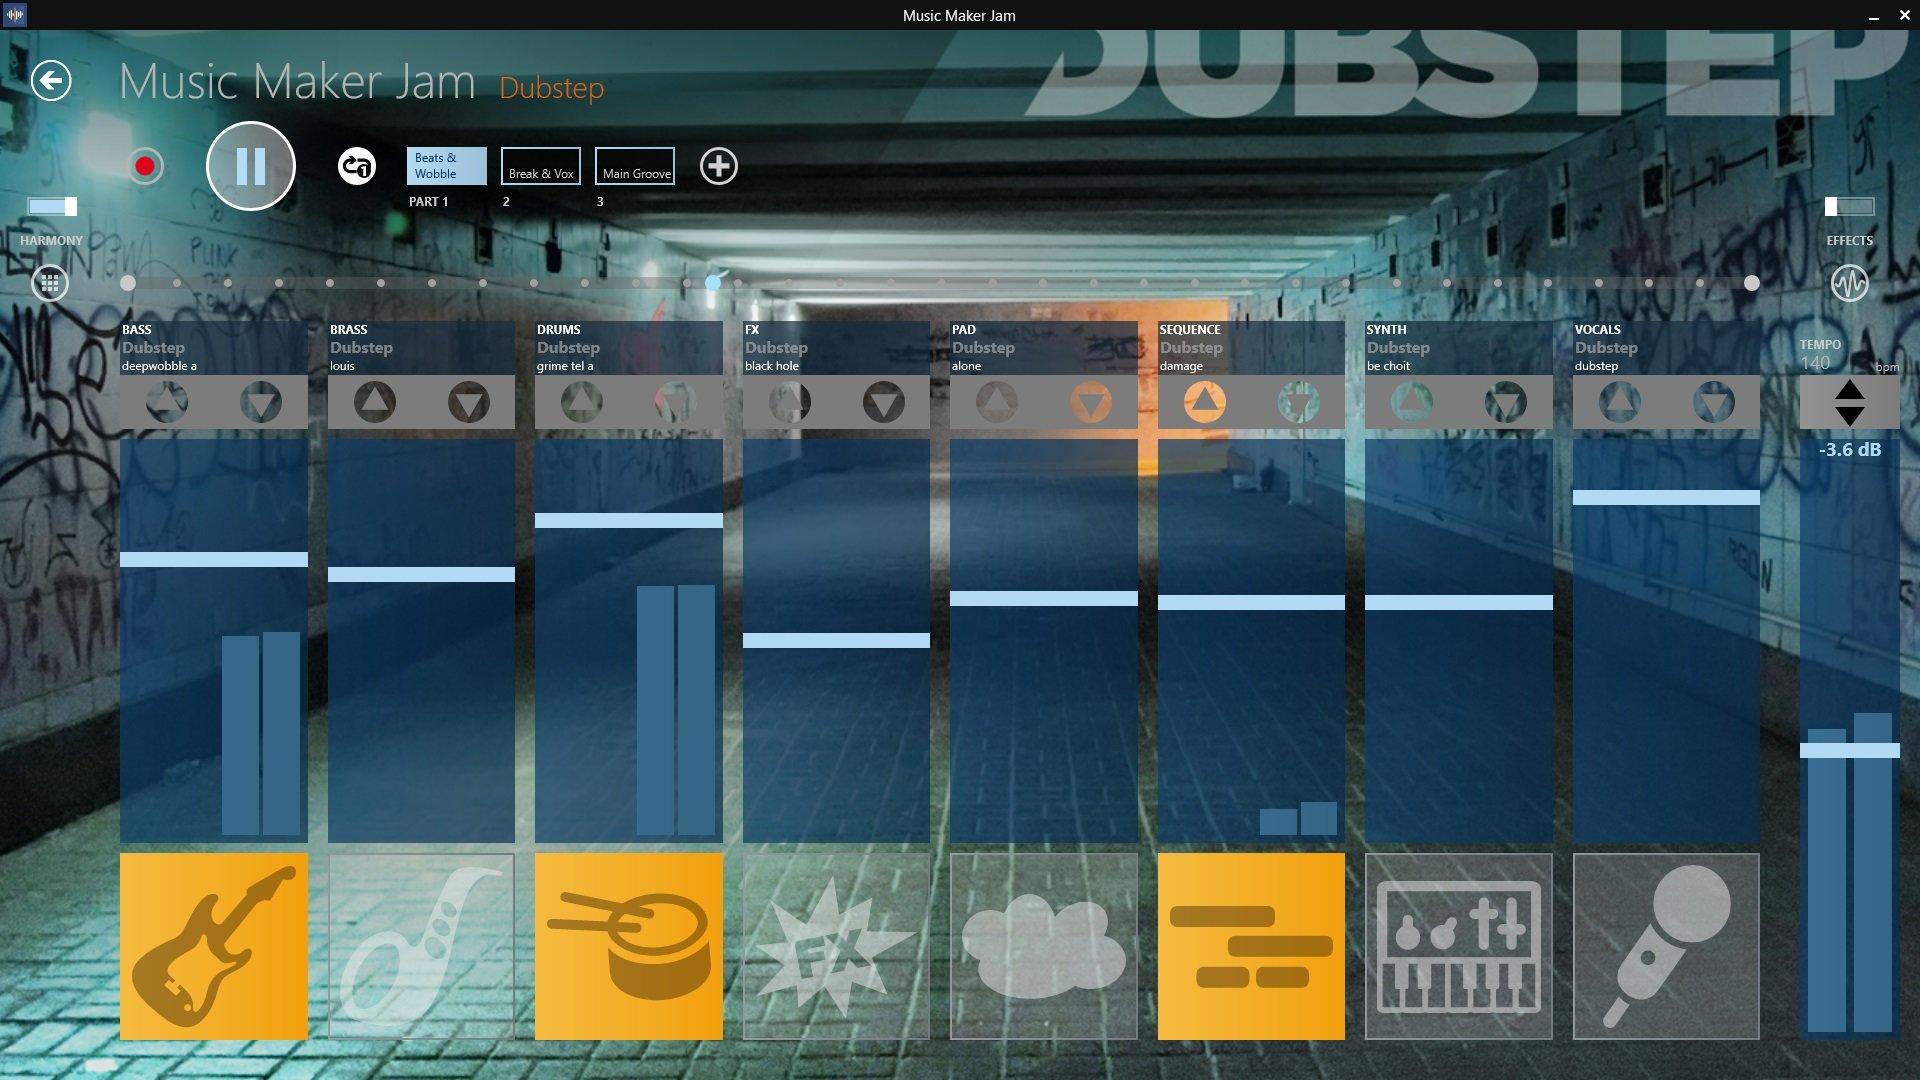 A screenshot of the Music Maker Jam app.